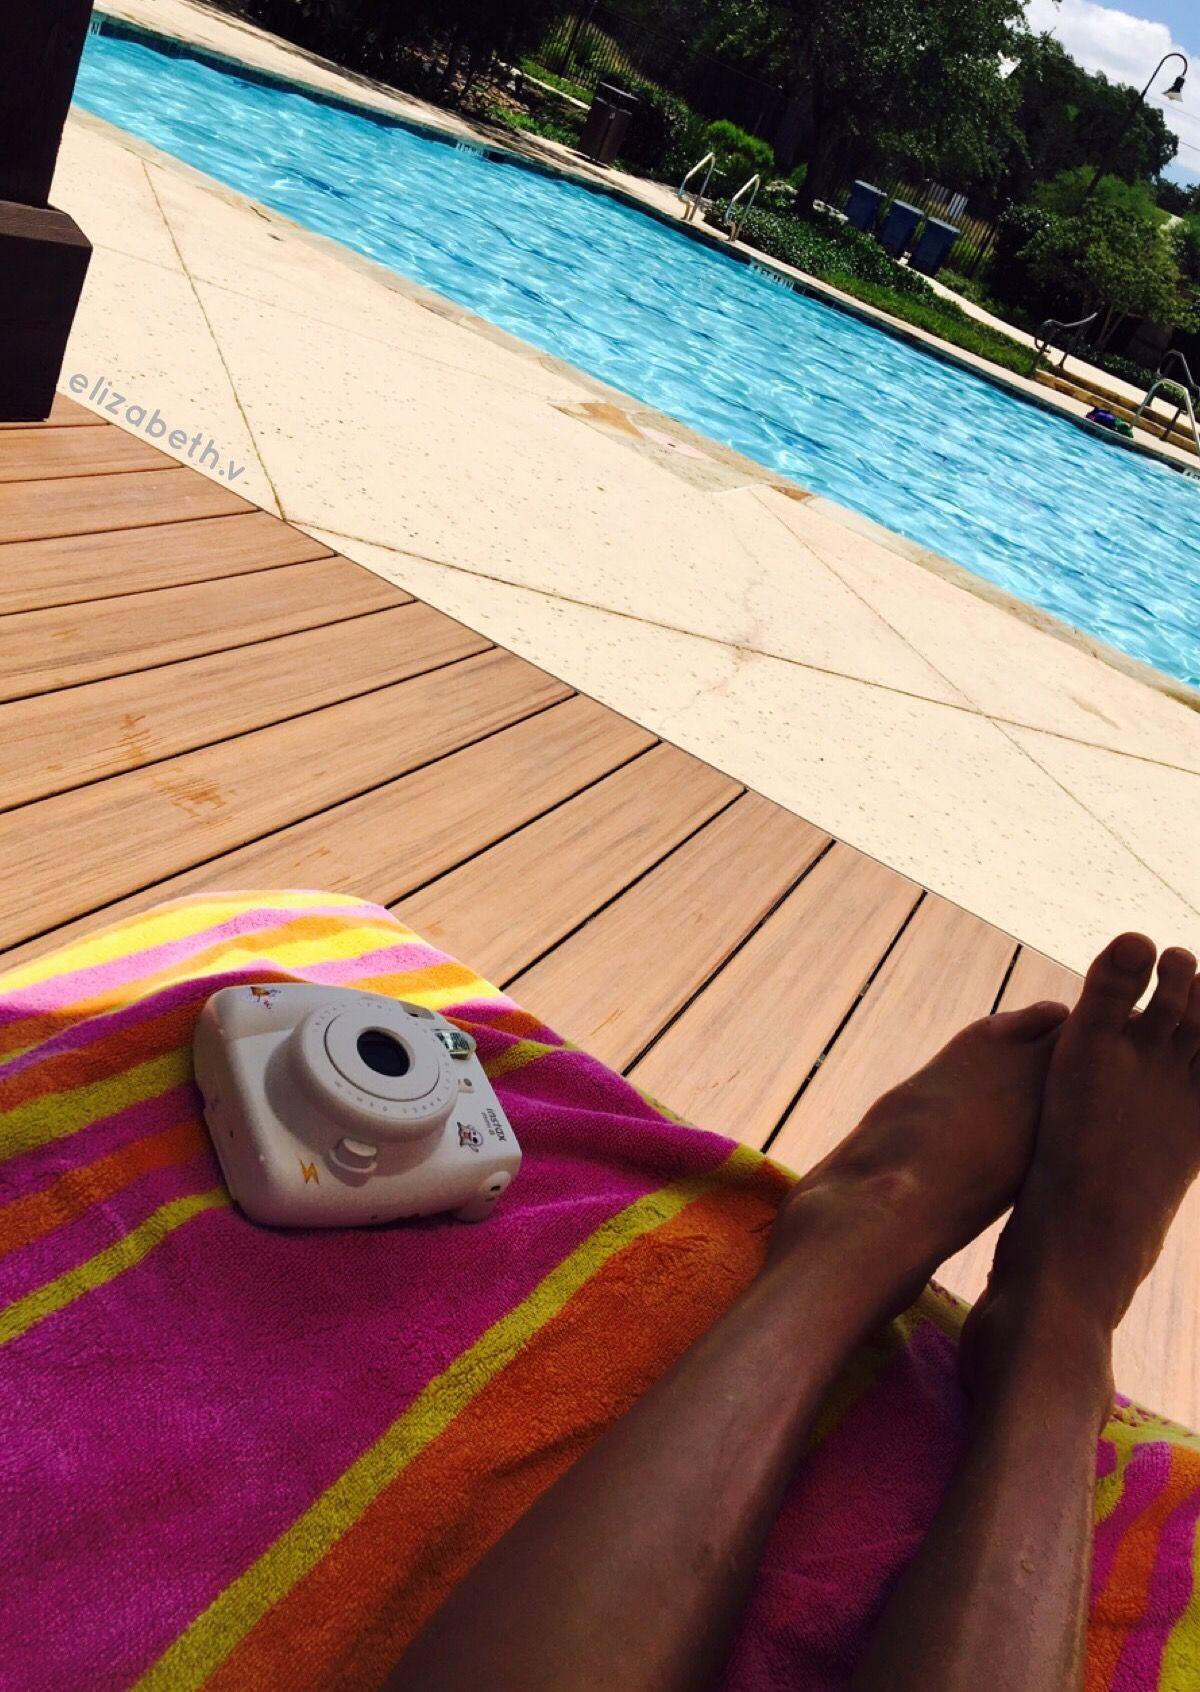 Pool chill beach Polaroid towel summer Photo by Elizabeth